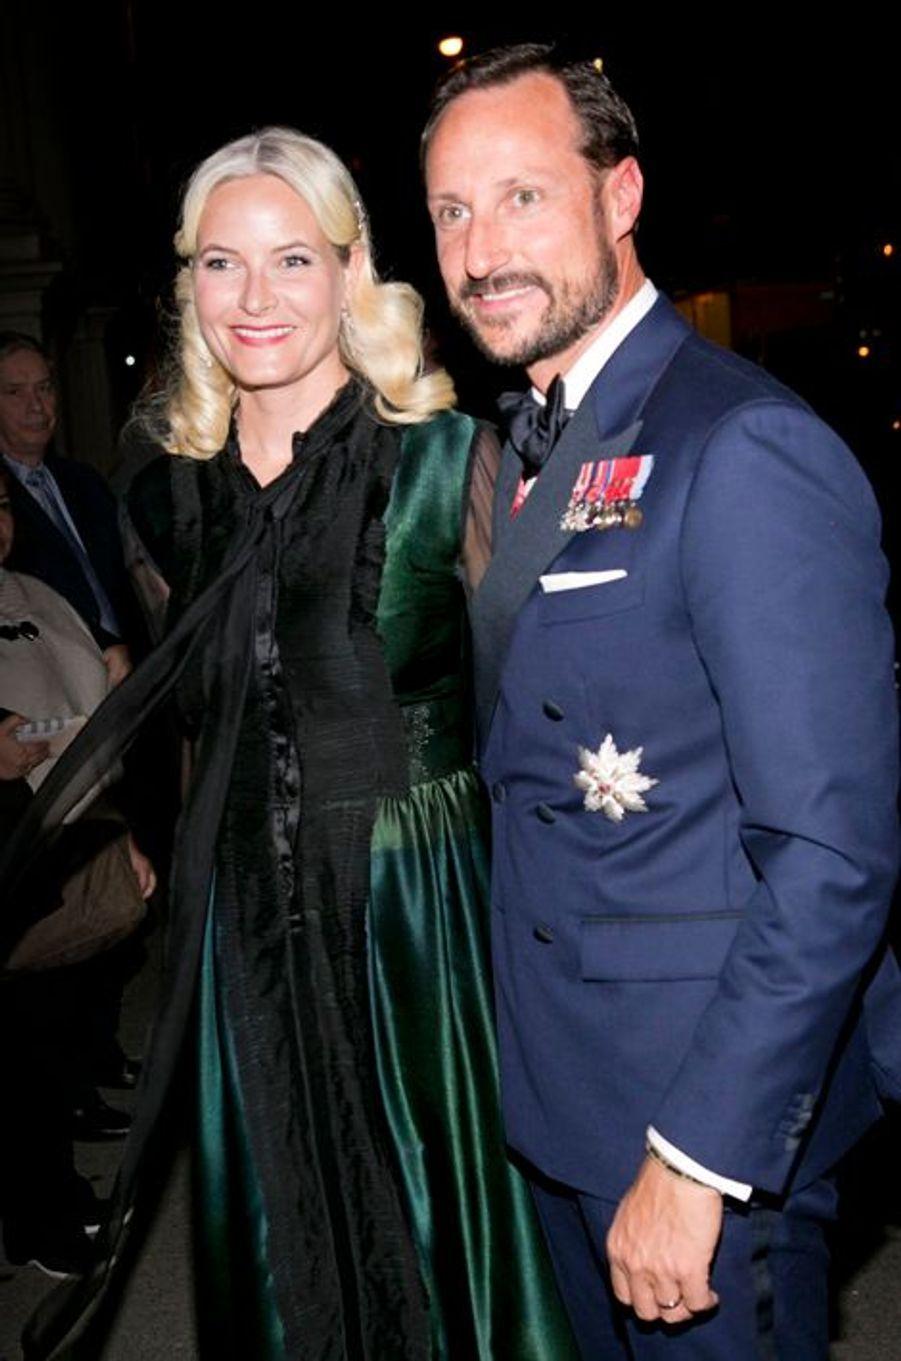 La princesse Mette-Marit et le prince Haakon de Norvège à New York, le 7 octobre 2015